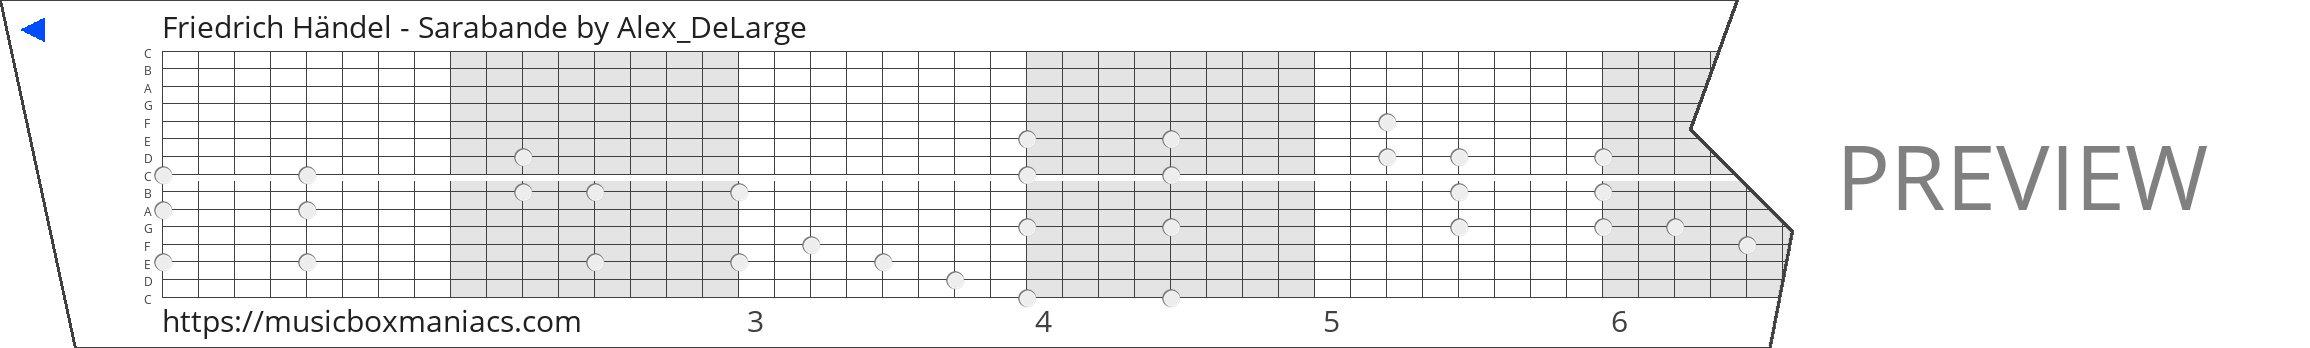 Friedrich Händel - Sarabande 15 note music box paper strip